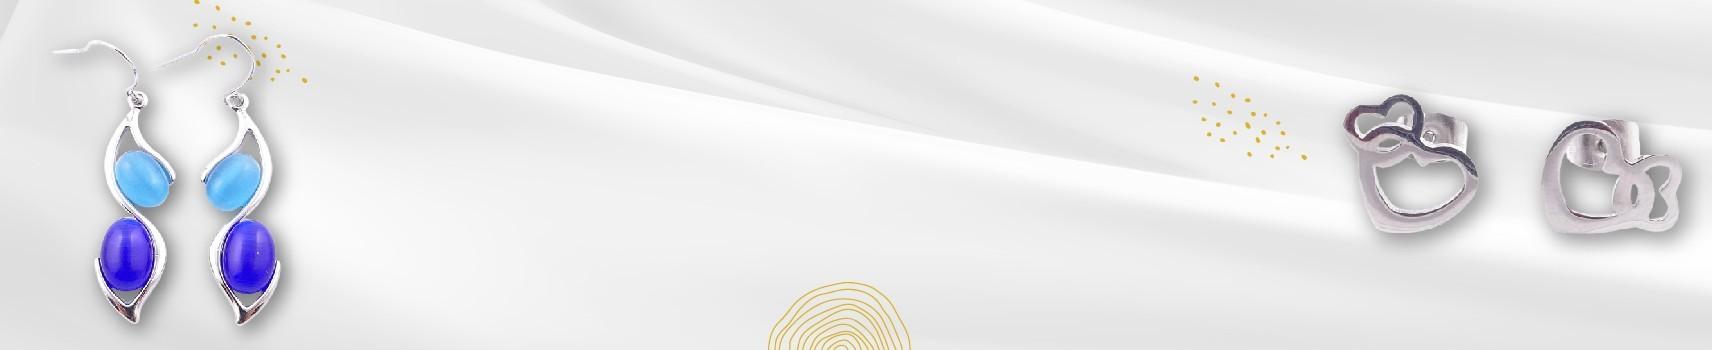 Colección Aritzi - Pendientes de Mujer en Plata y Acero